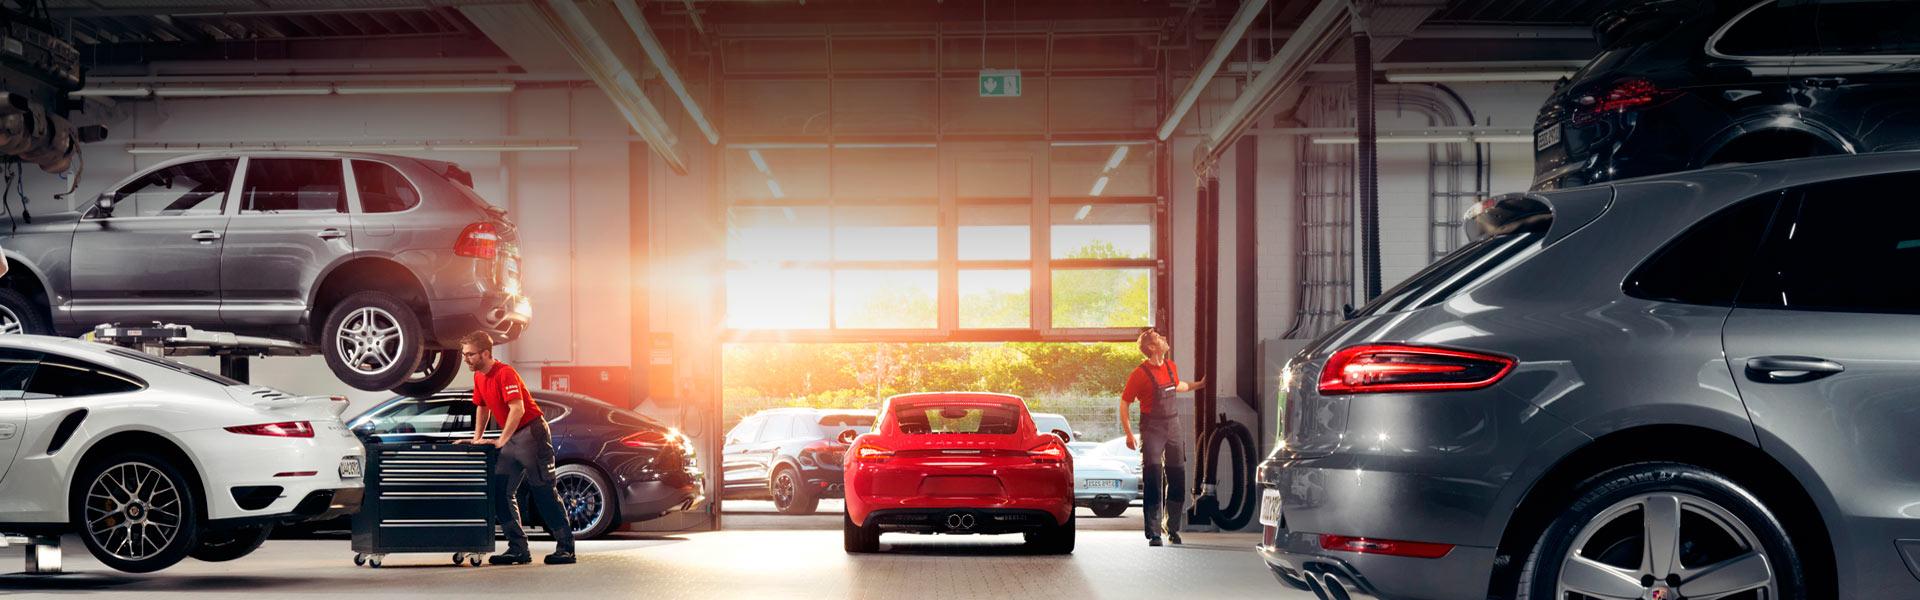 Прочистка форсунок Porsche